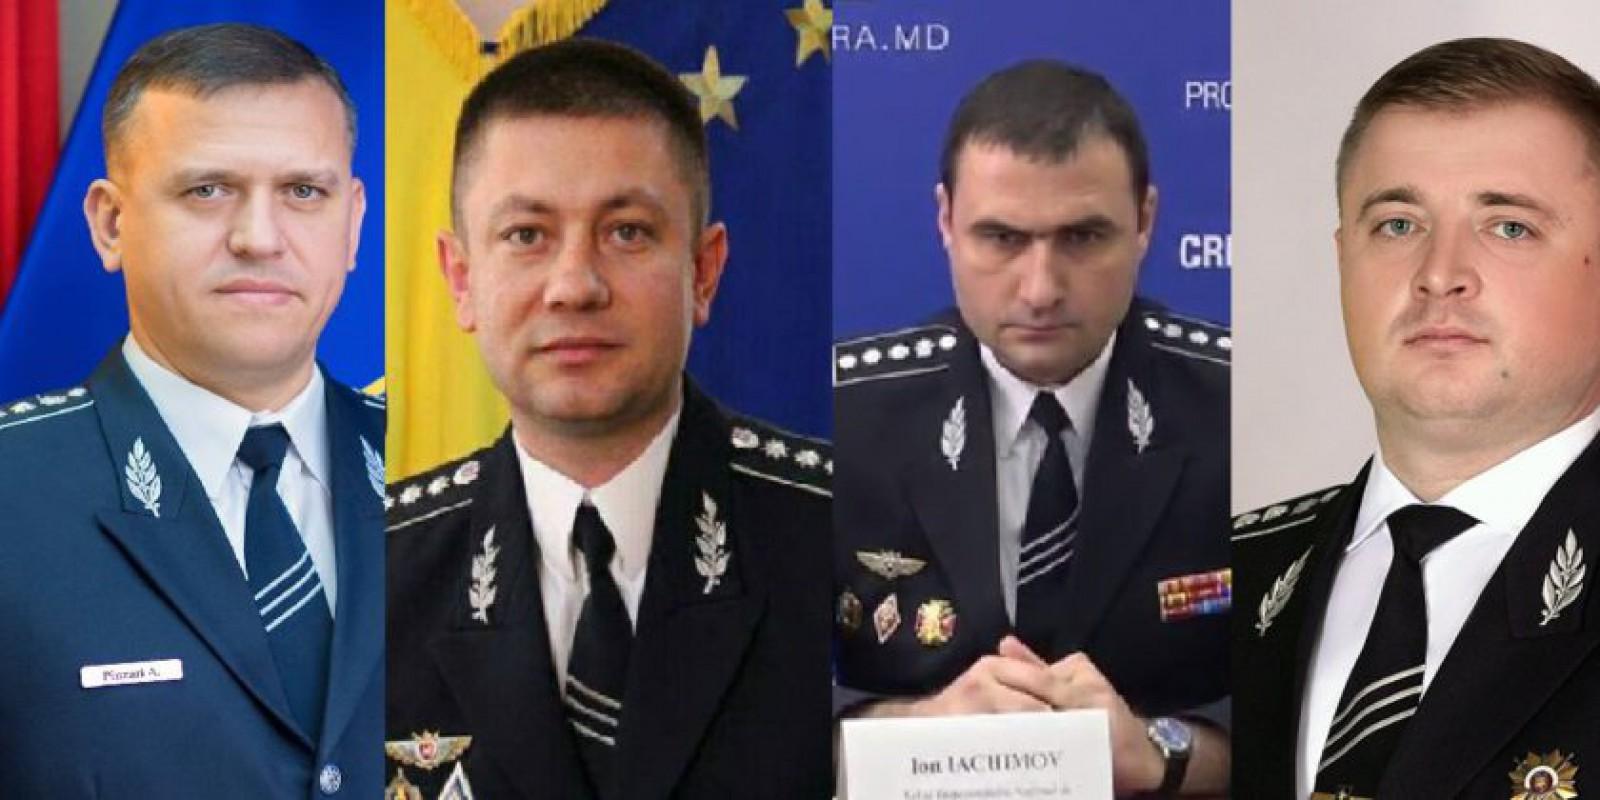 Ziarul de Gardă: Averea oficială a polițiștilor-șefi de la IGP, INP și INI